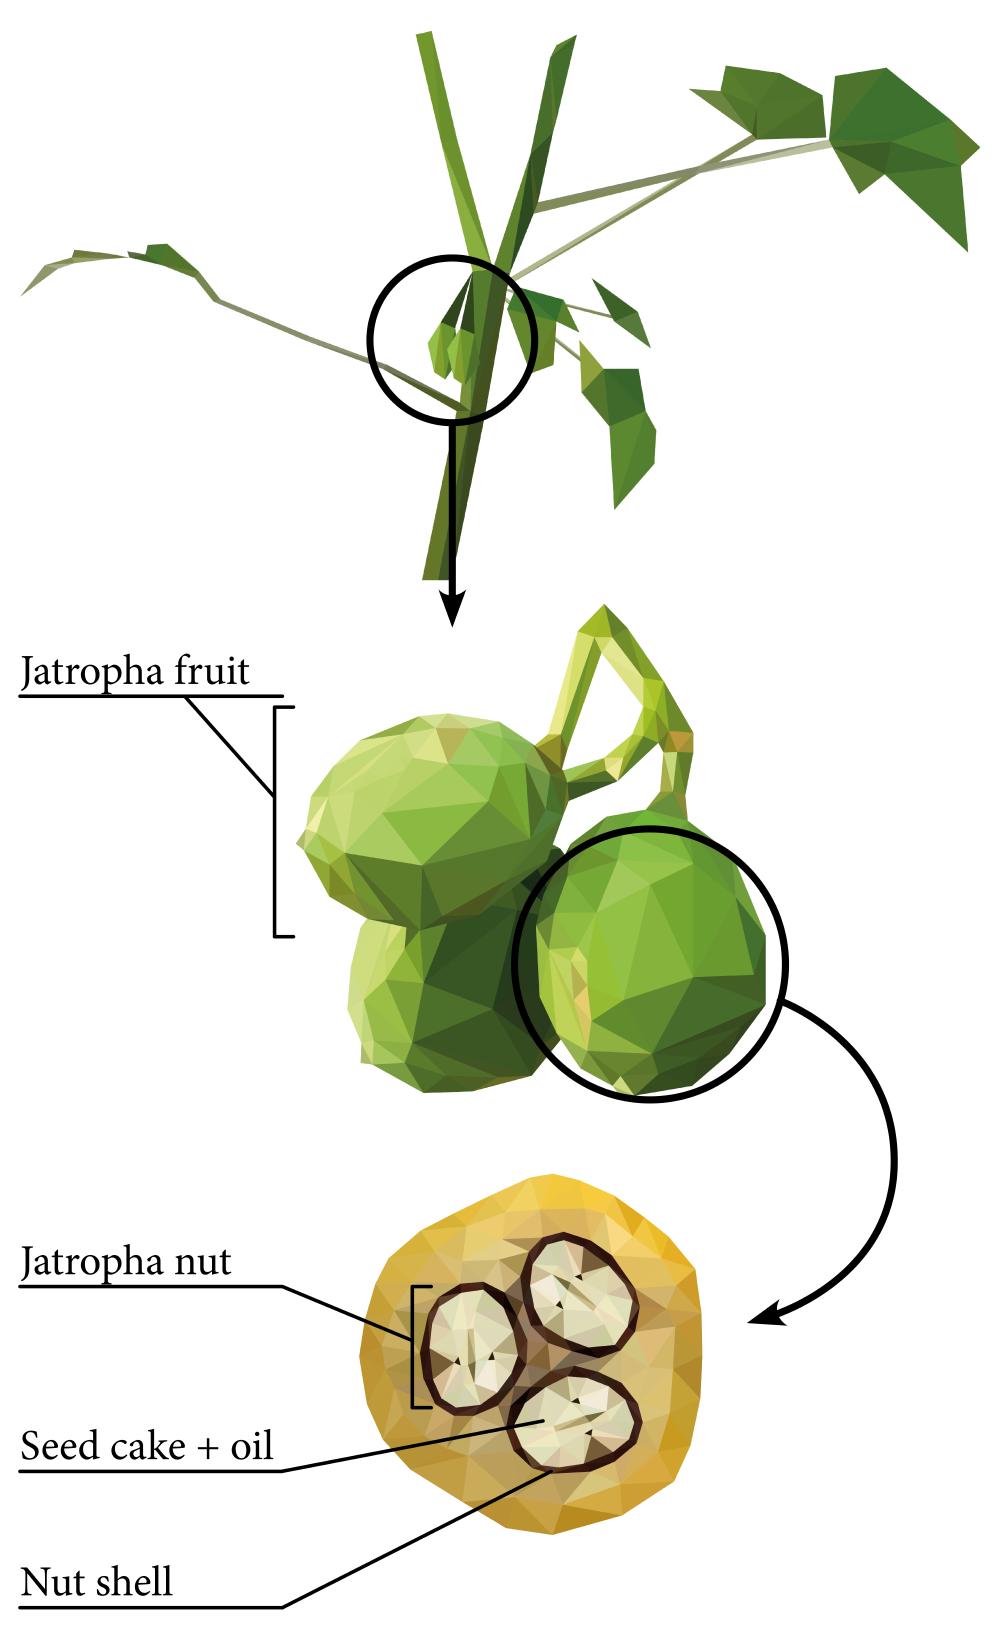 Jatropha and its applications.